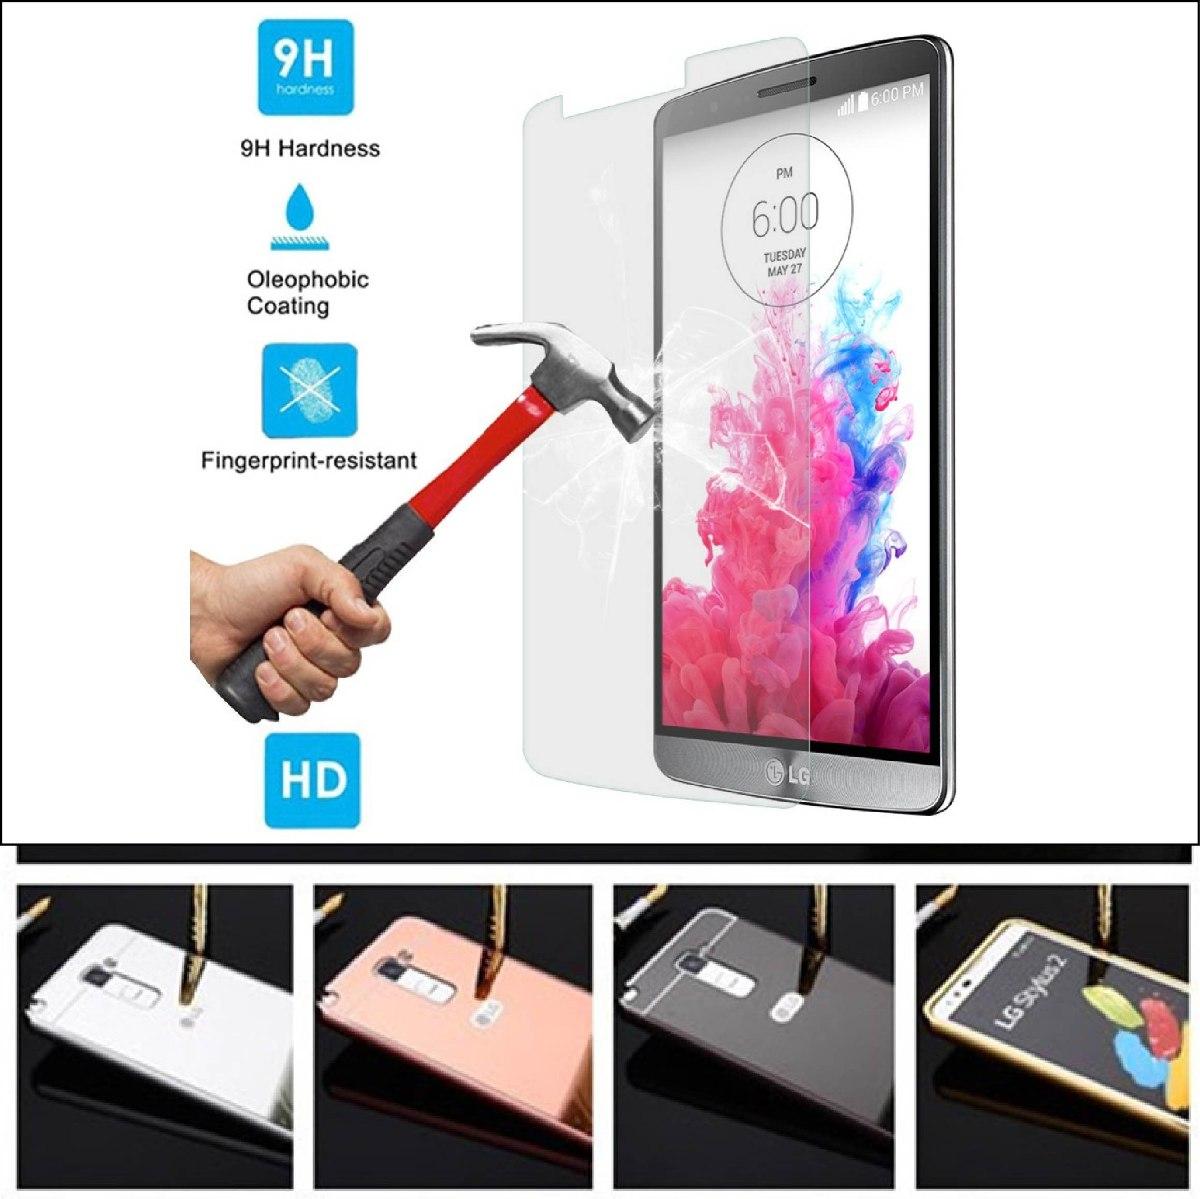 7a822ffc10f Funda Case Espejo Aluminnio Y Cristal Lg G4 Stylus H542 - $ 99.00 en ...